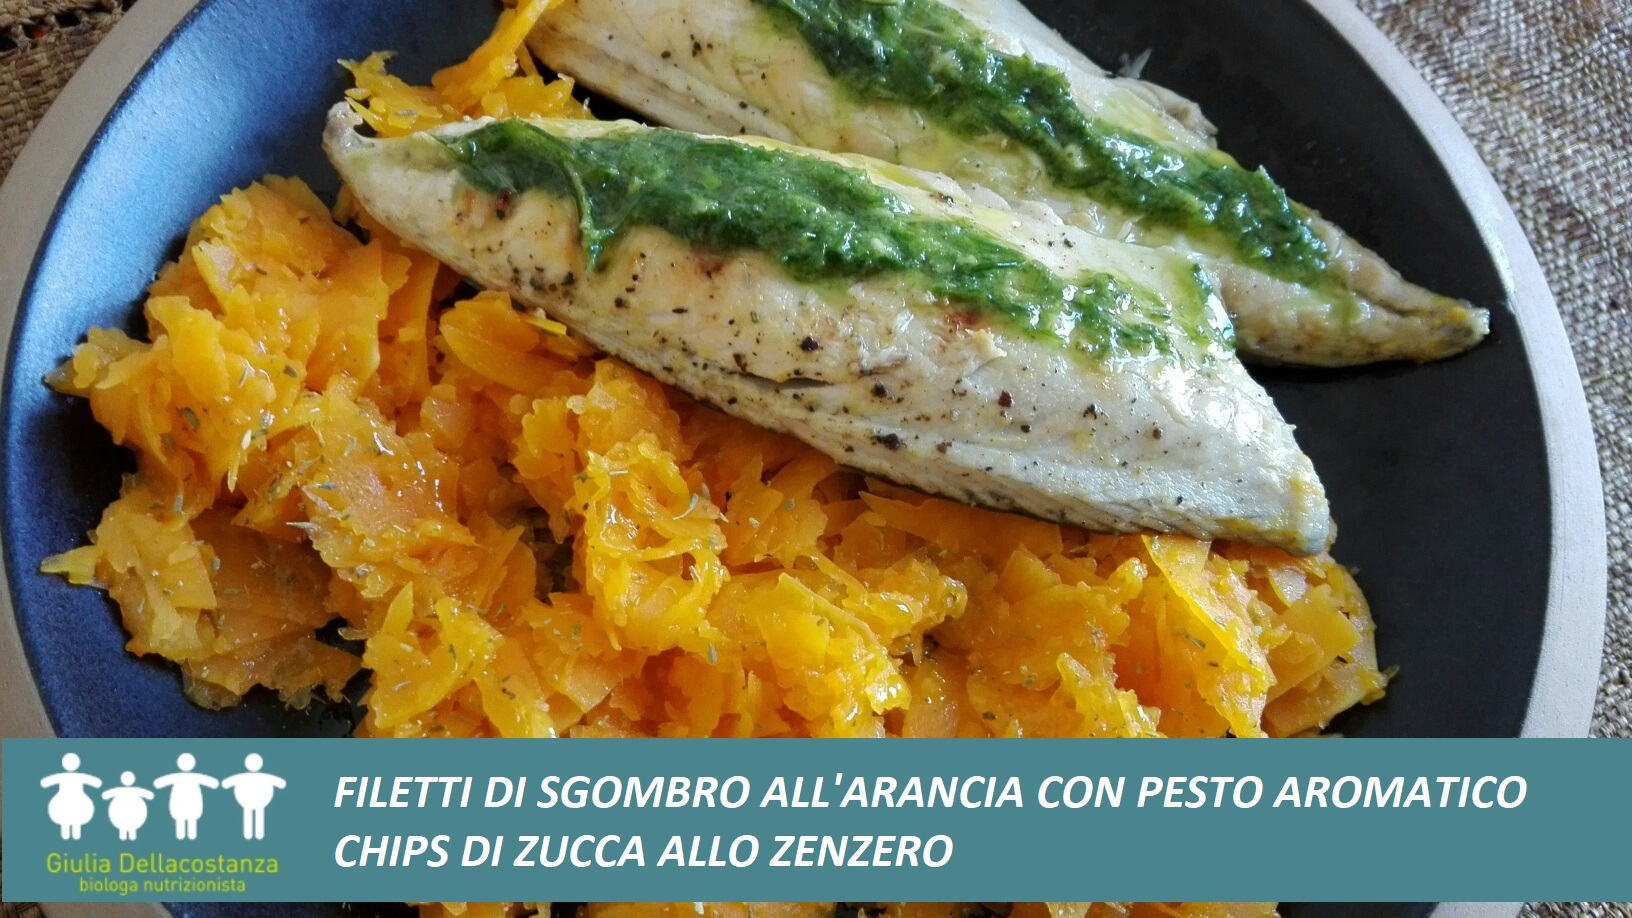 Filetti di sgombro all'arancia con pesto aromatico e chips di zucca allo zenzero.